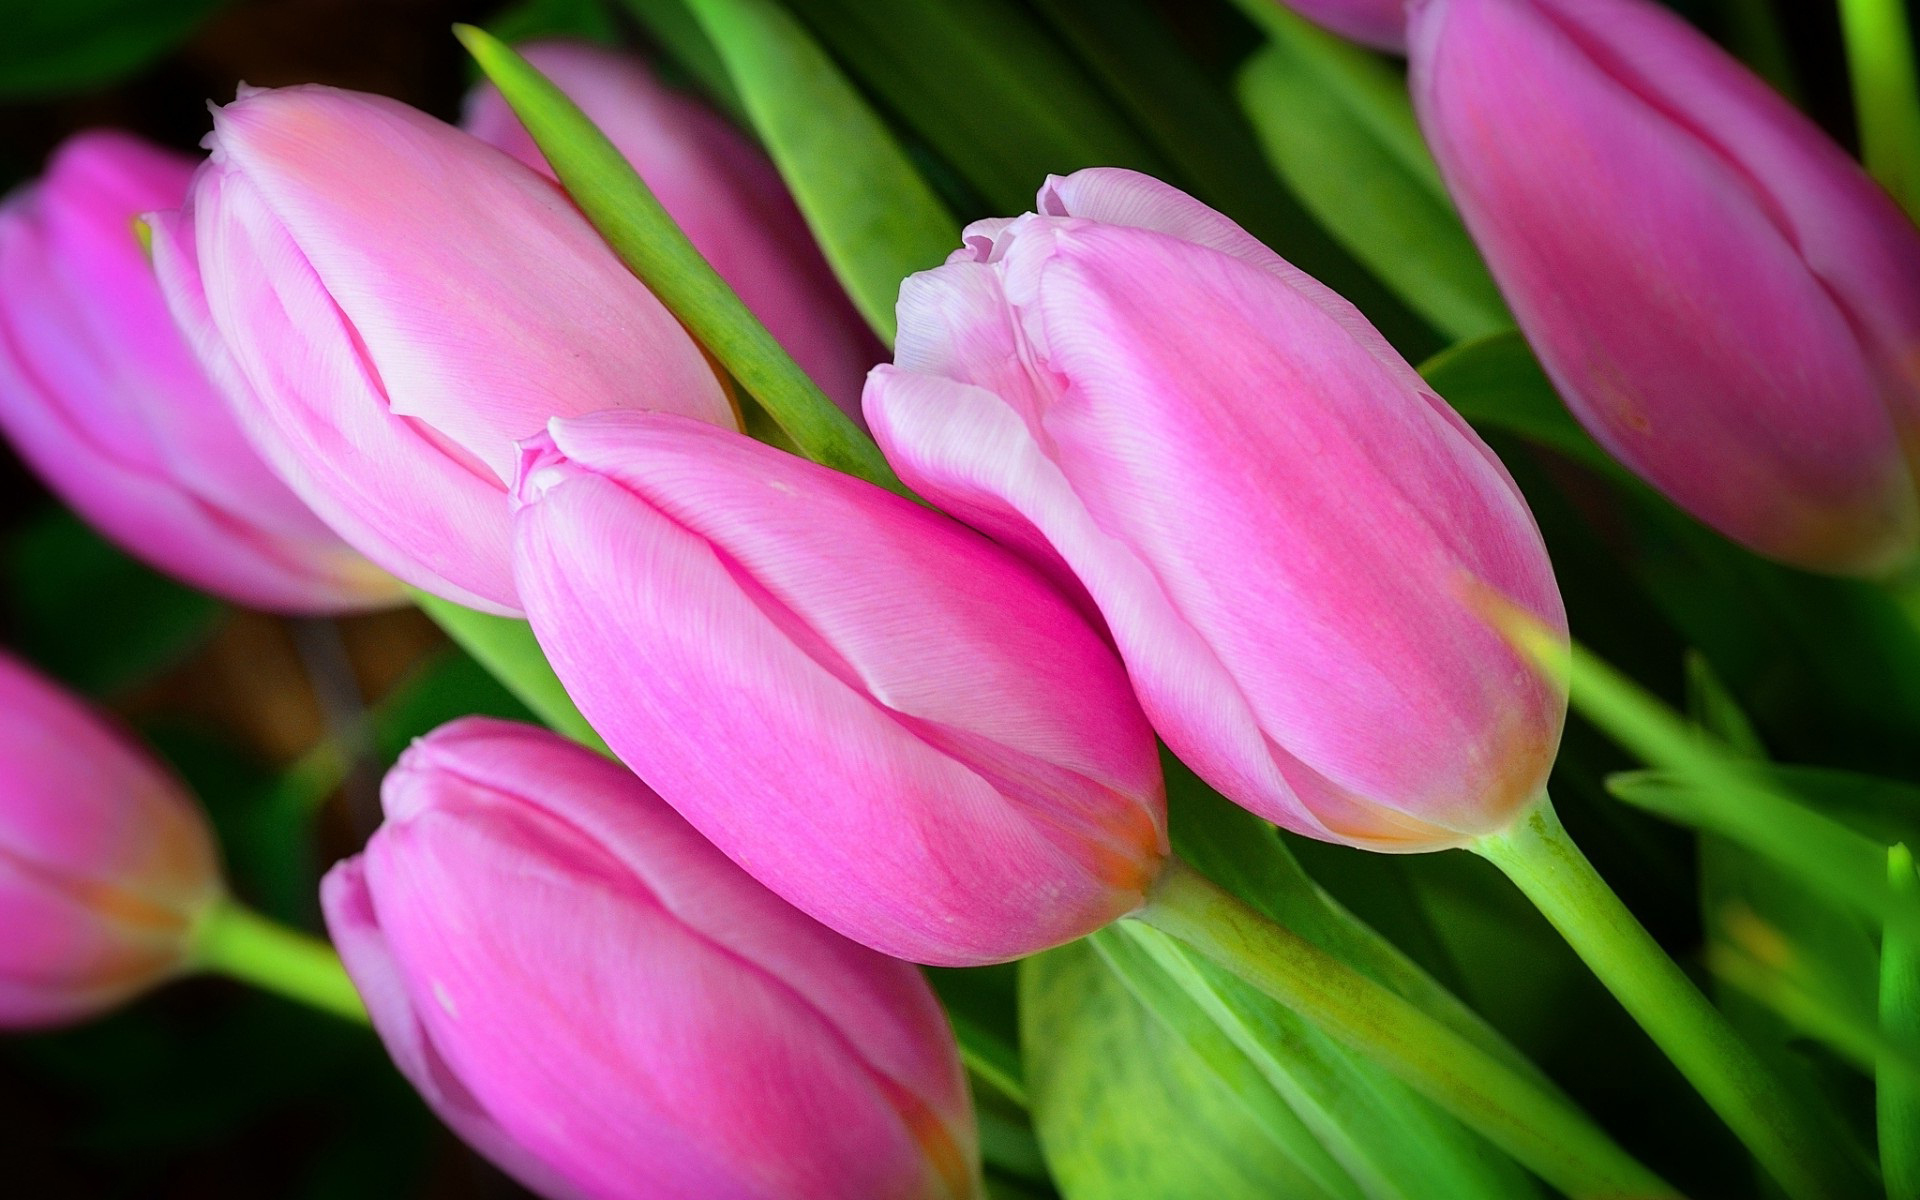 Pink tulip buds flower